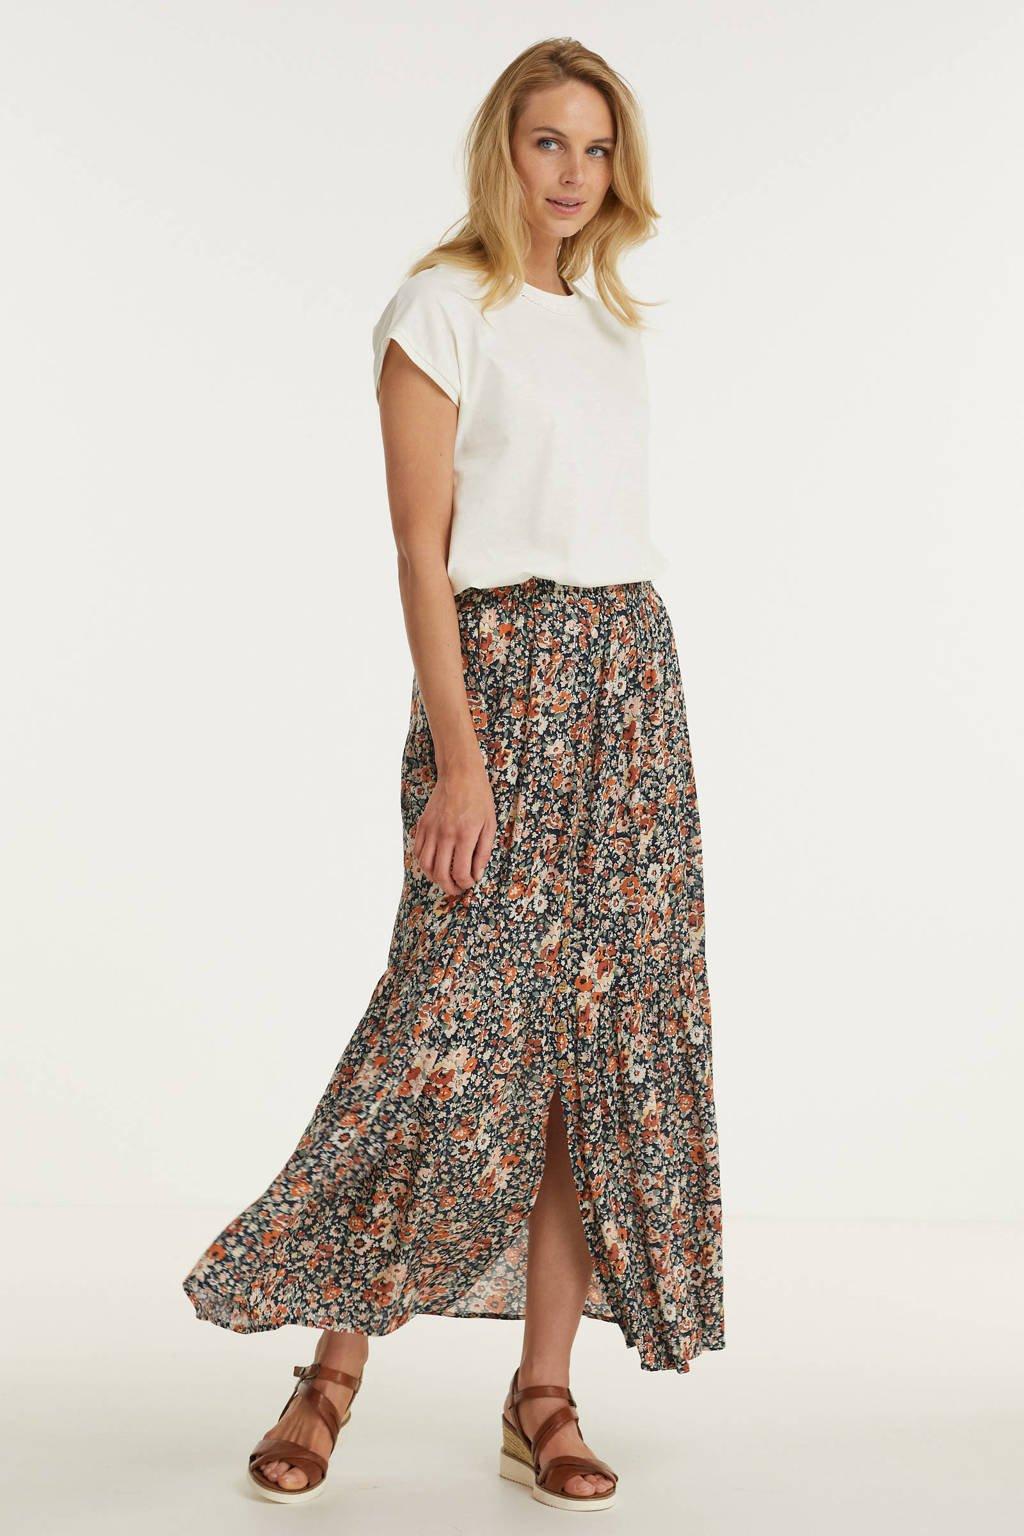 Imagine rok met bloemenprint zwart/multi, zwart/rood/oranje/groen